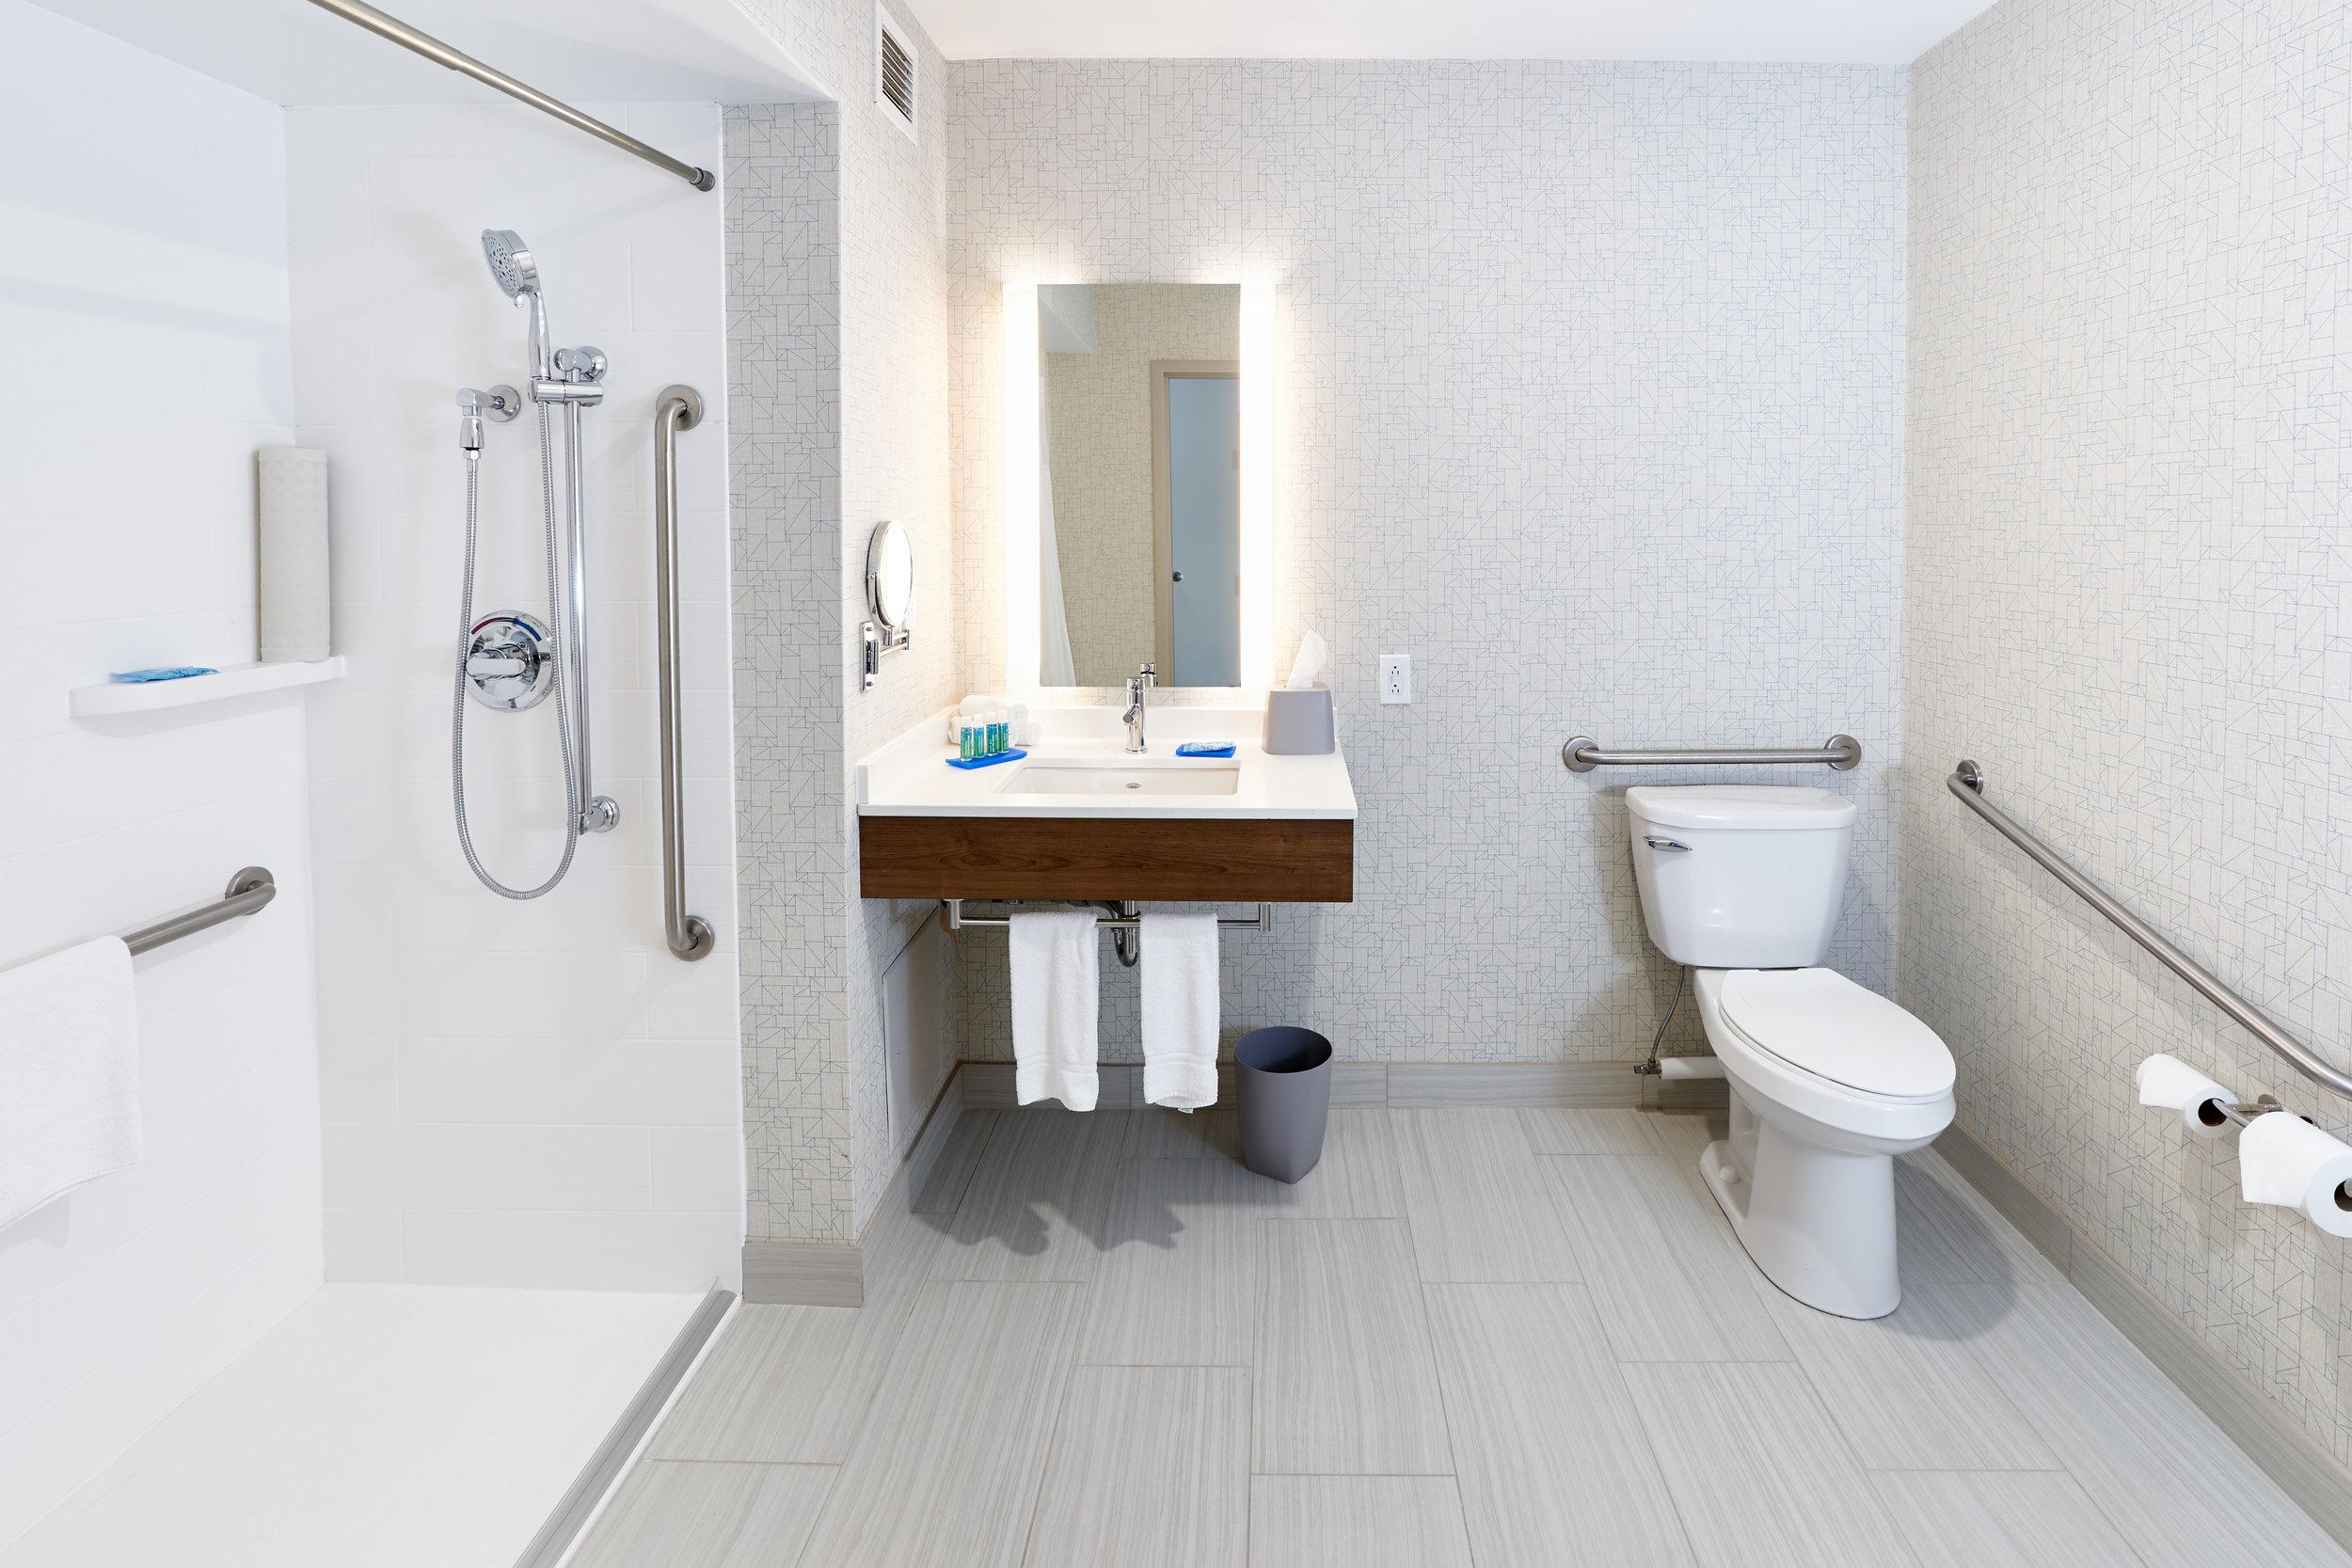 Holiday Inn Express - ADA Washroom A.jpg